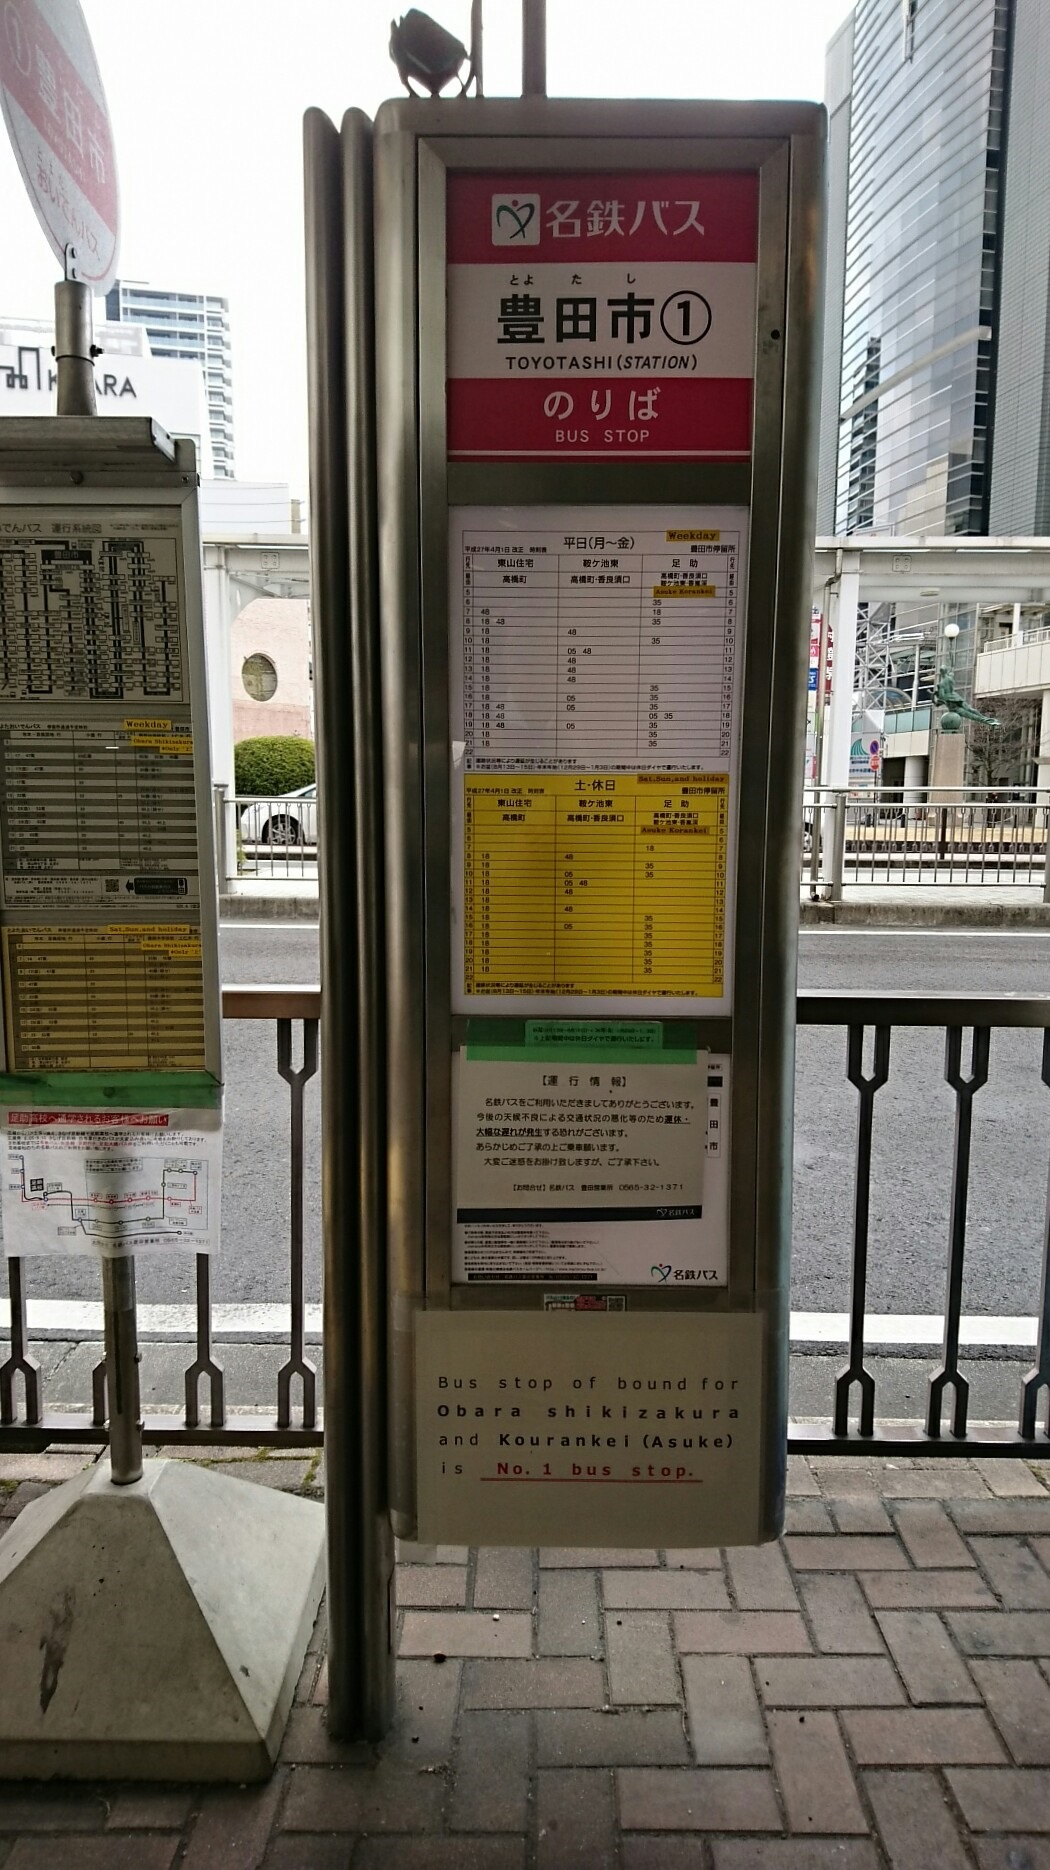 2018.2.5 東山住宅線 (1) 豊田市バス停 1050-1870